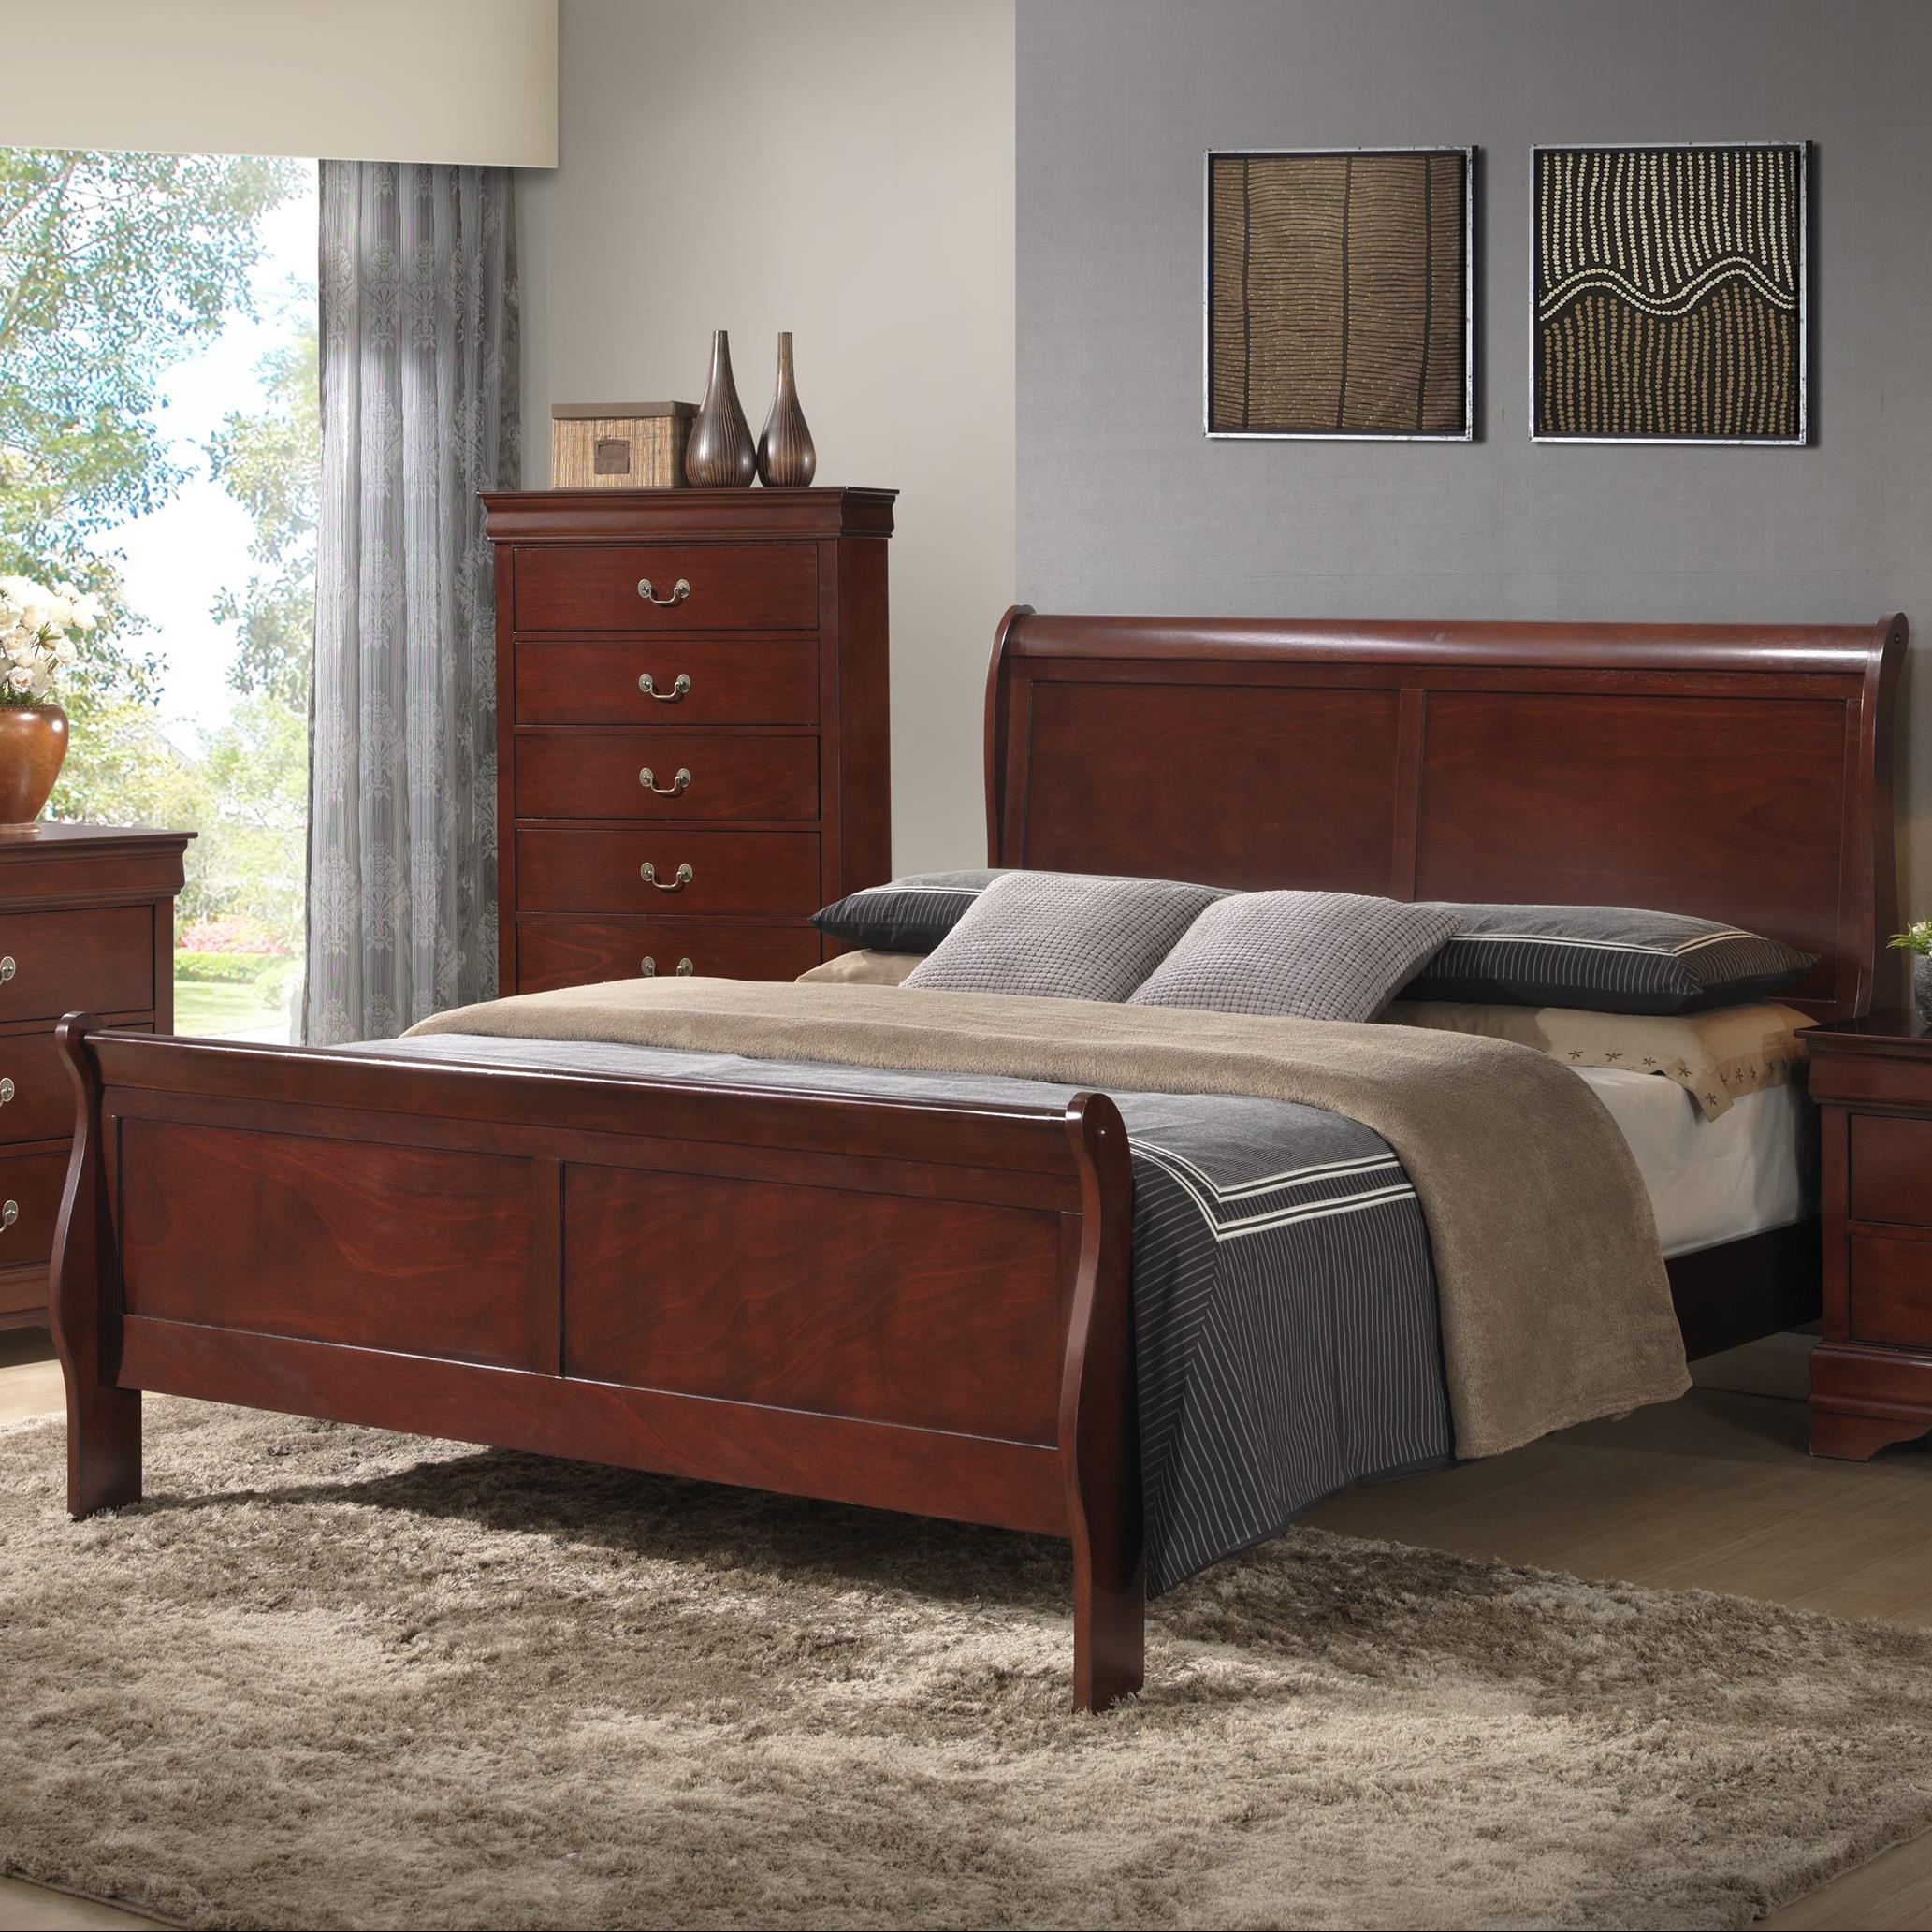 Elements International Belleview King Sleigh Bed - Item Number: BL100KB